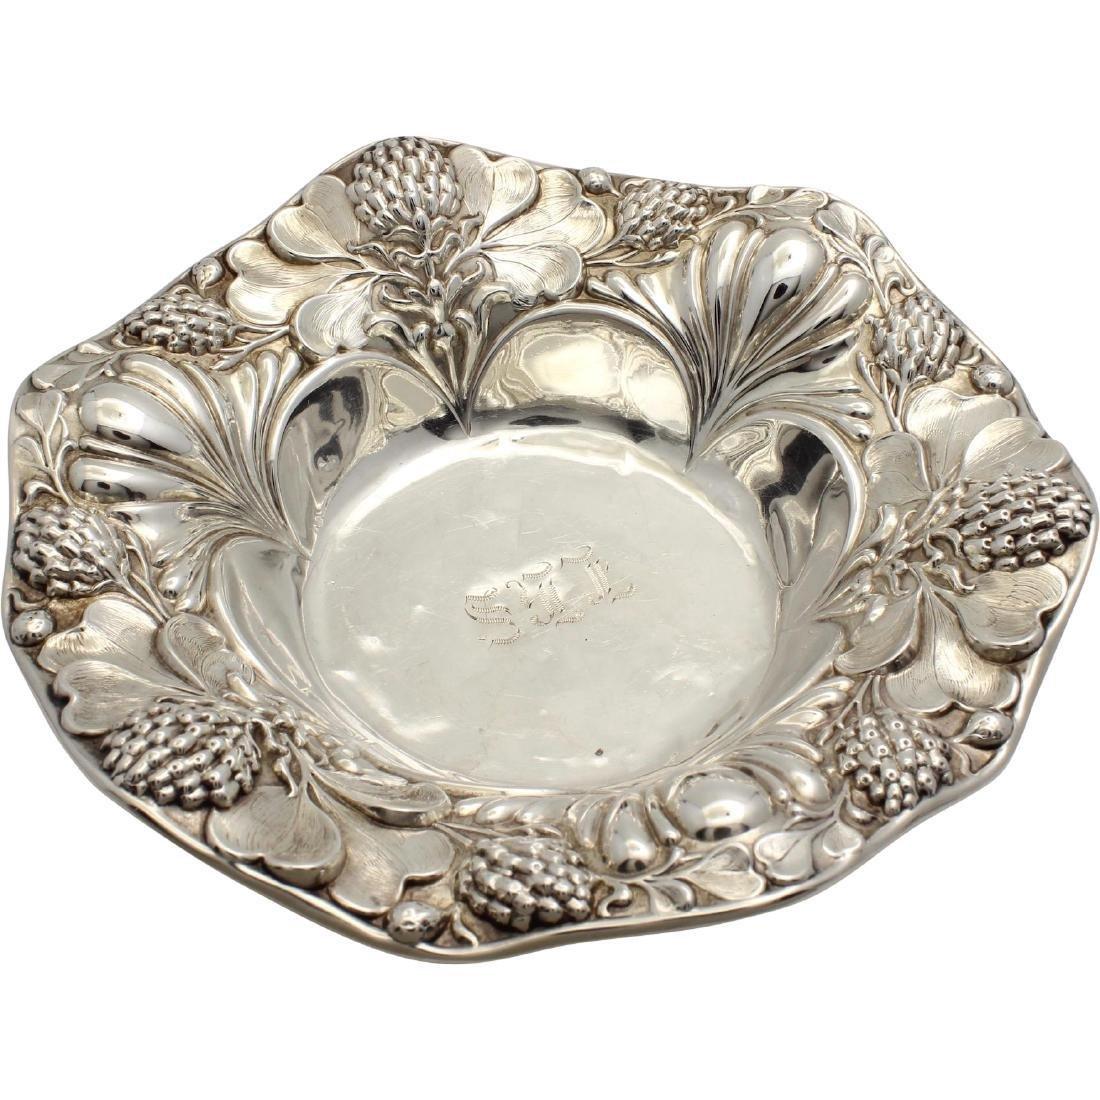 Antique Art Nouveau Sterling Dish with Thistle Flower Design